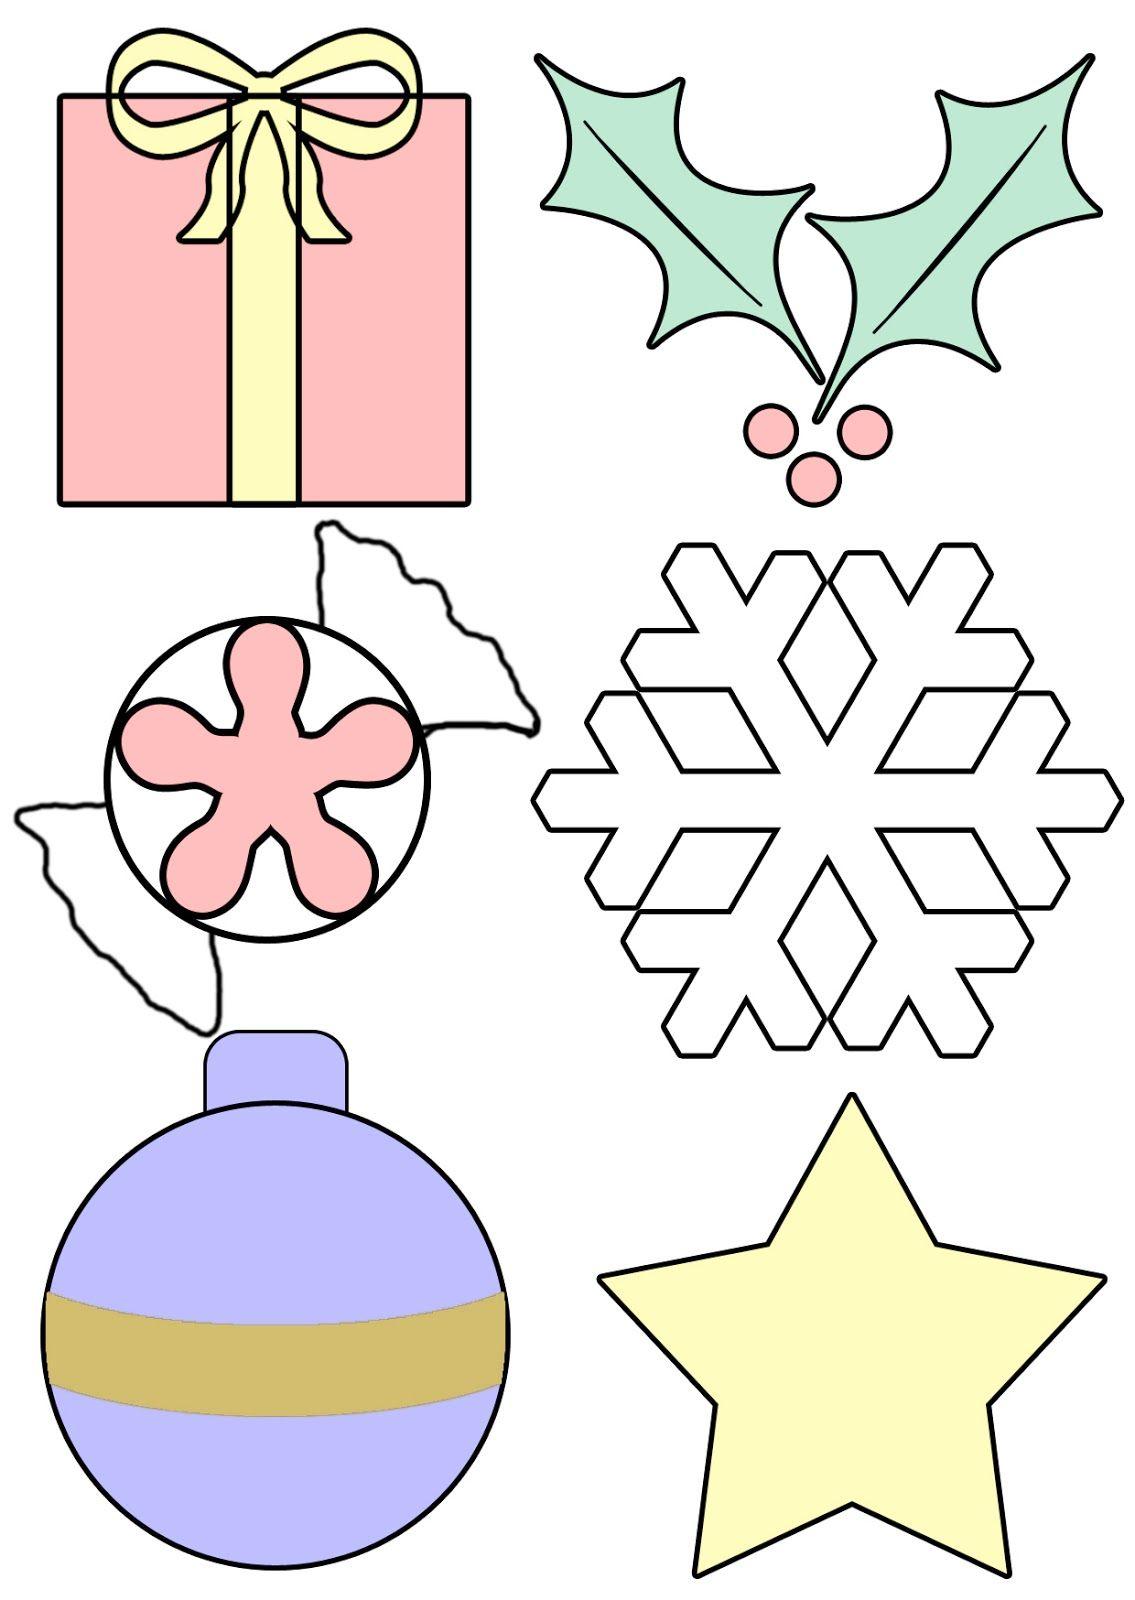 cmo hacer un rbol de navidad infantil paso a paso